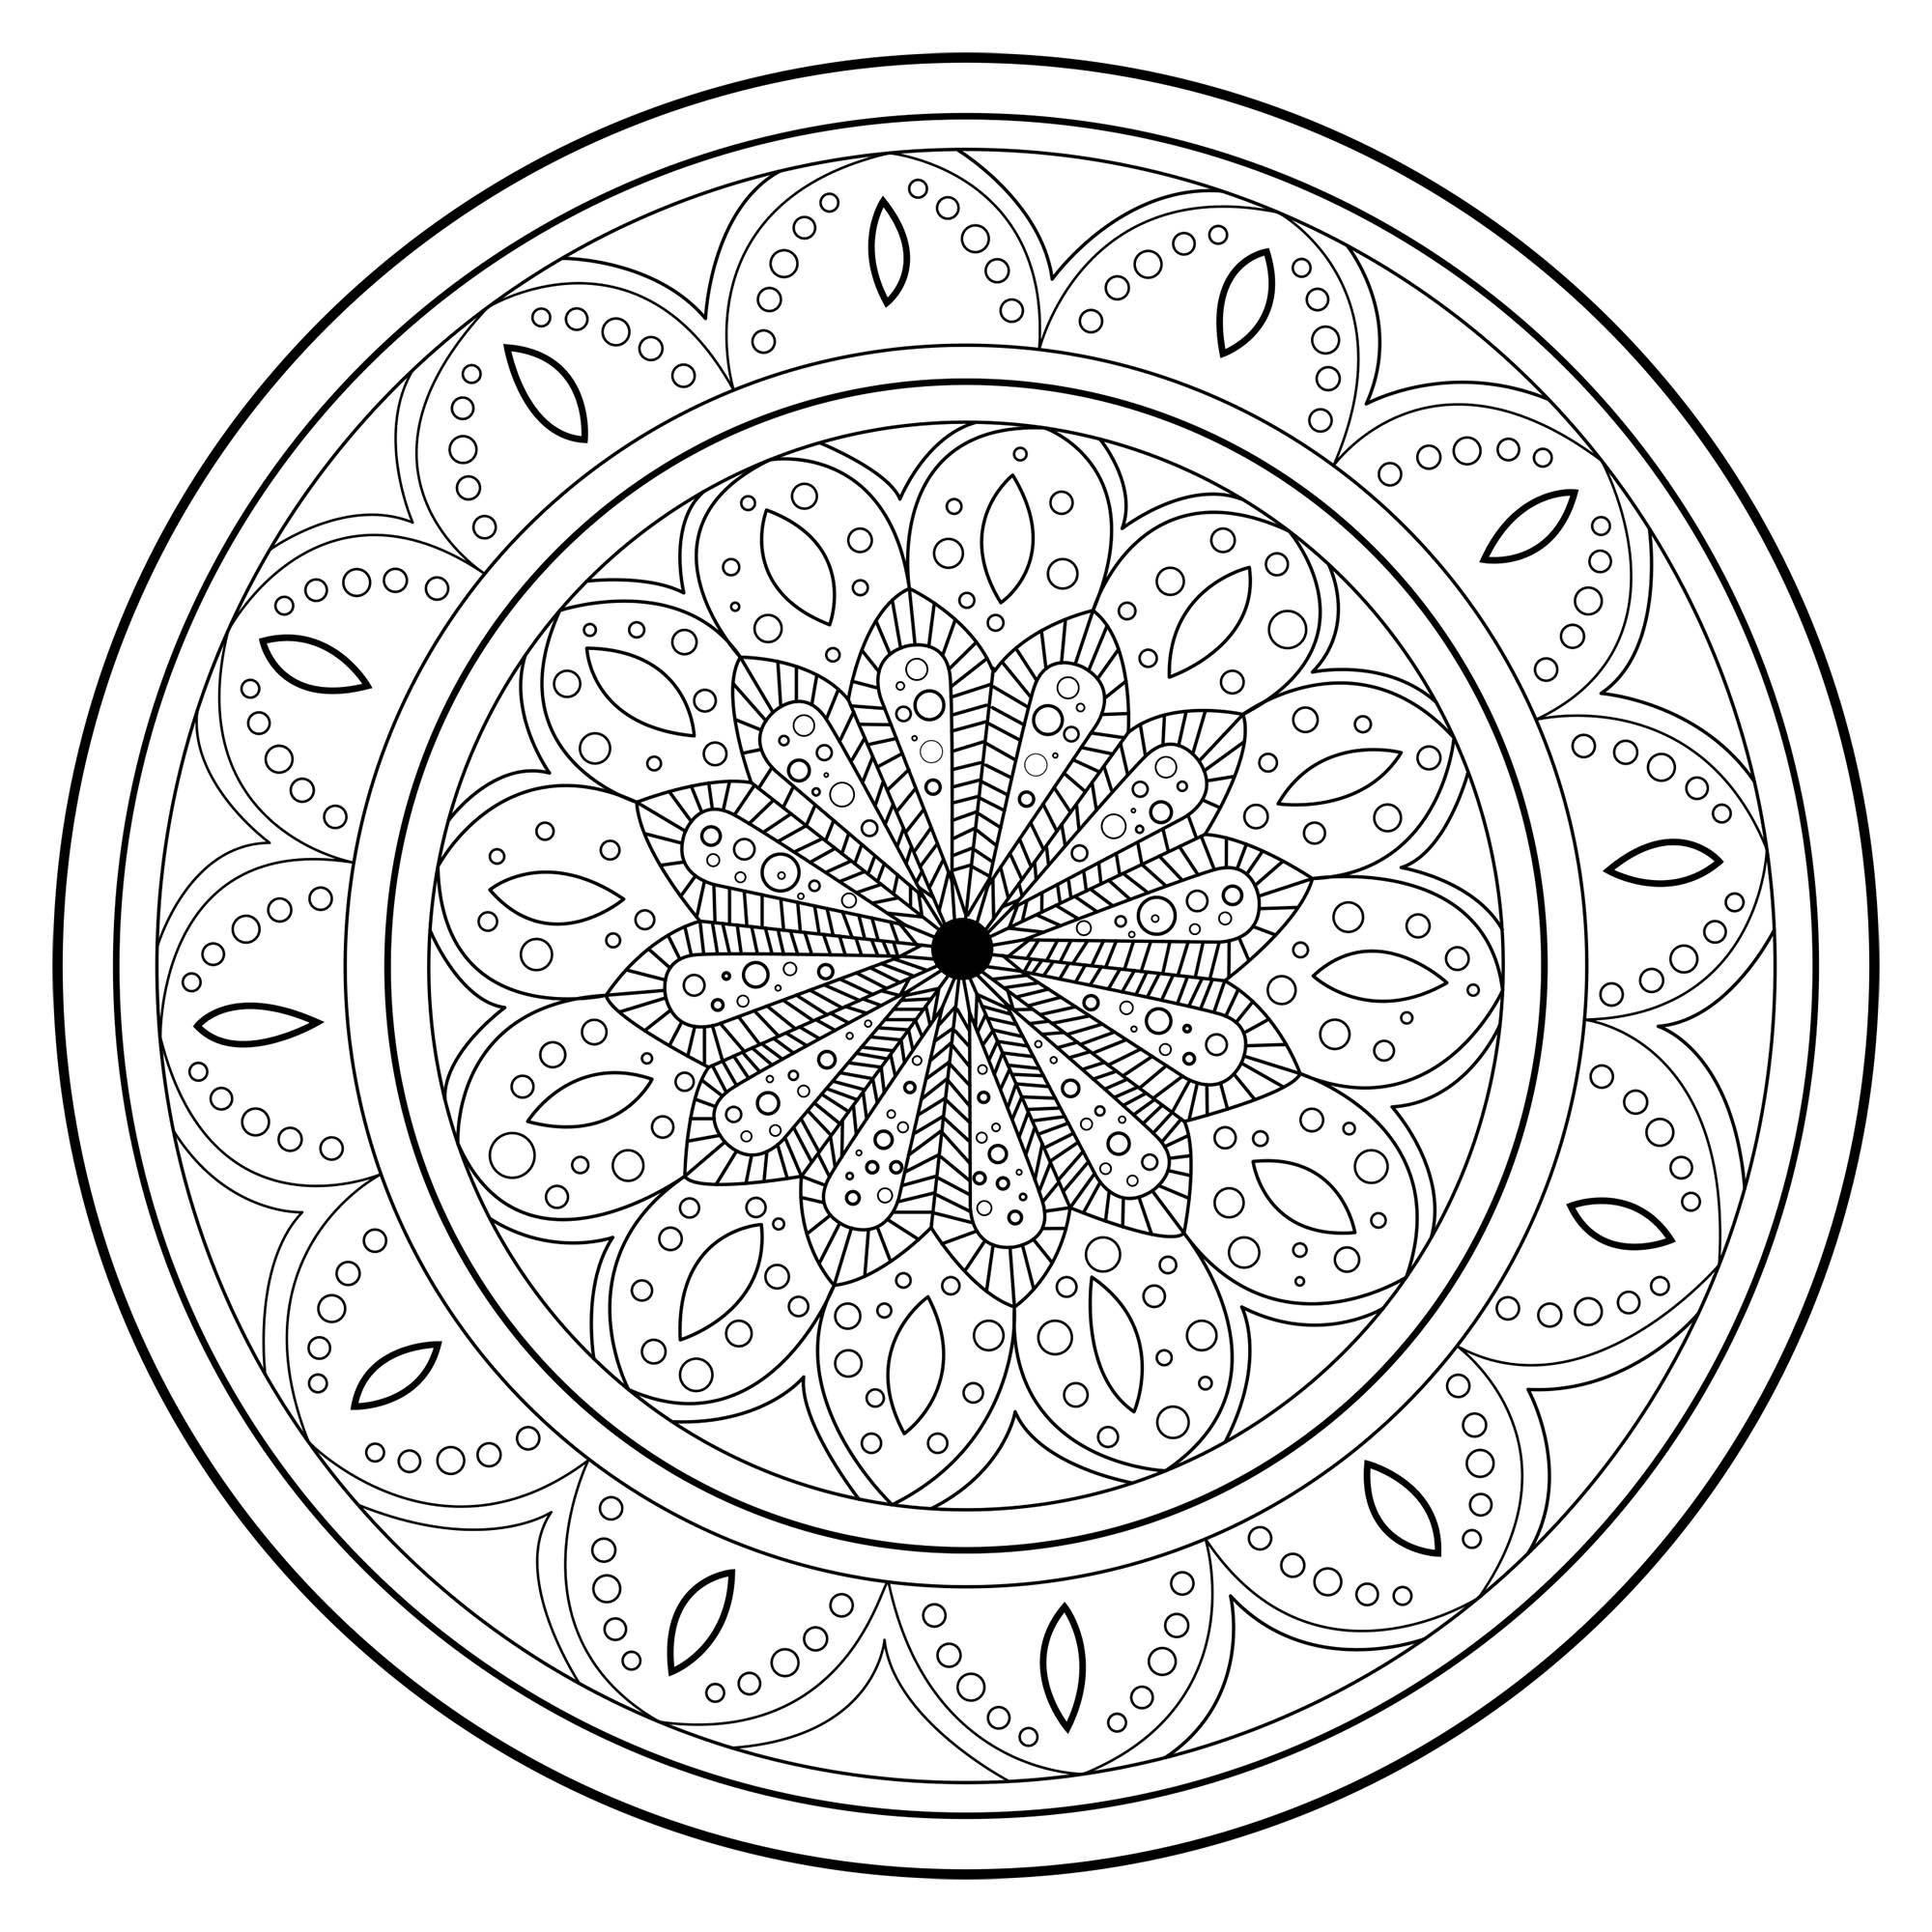 Disegni da colorare per adulti : Mandalas - 236